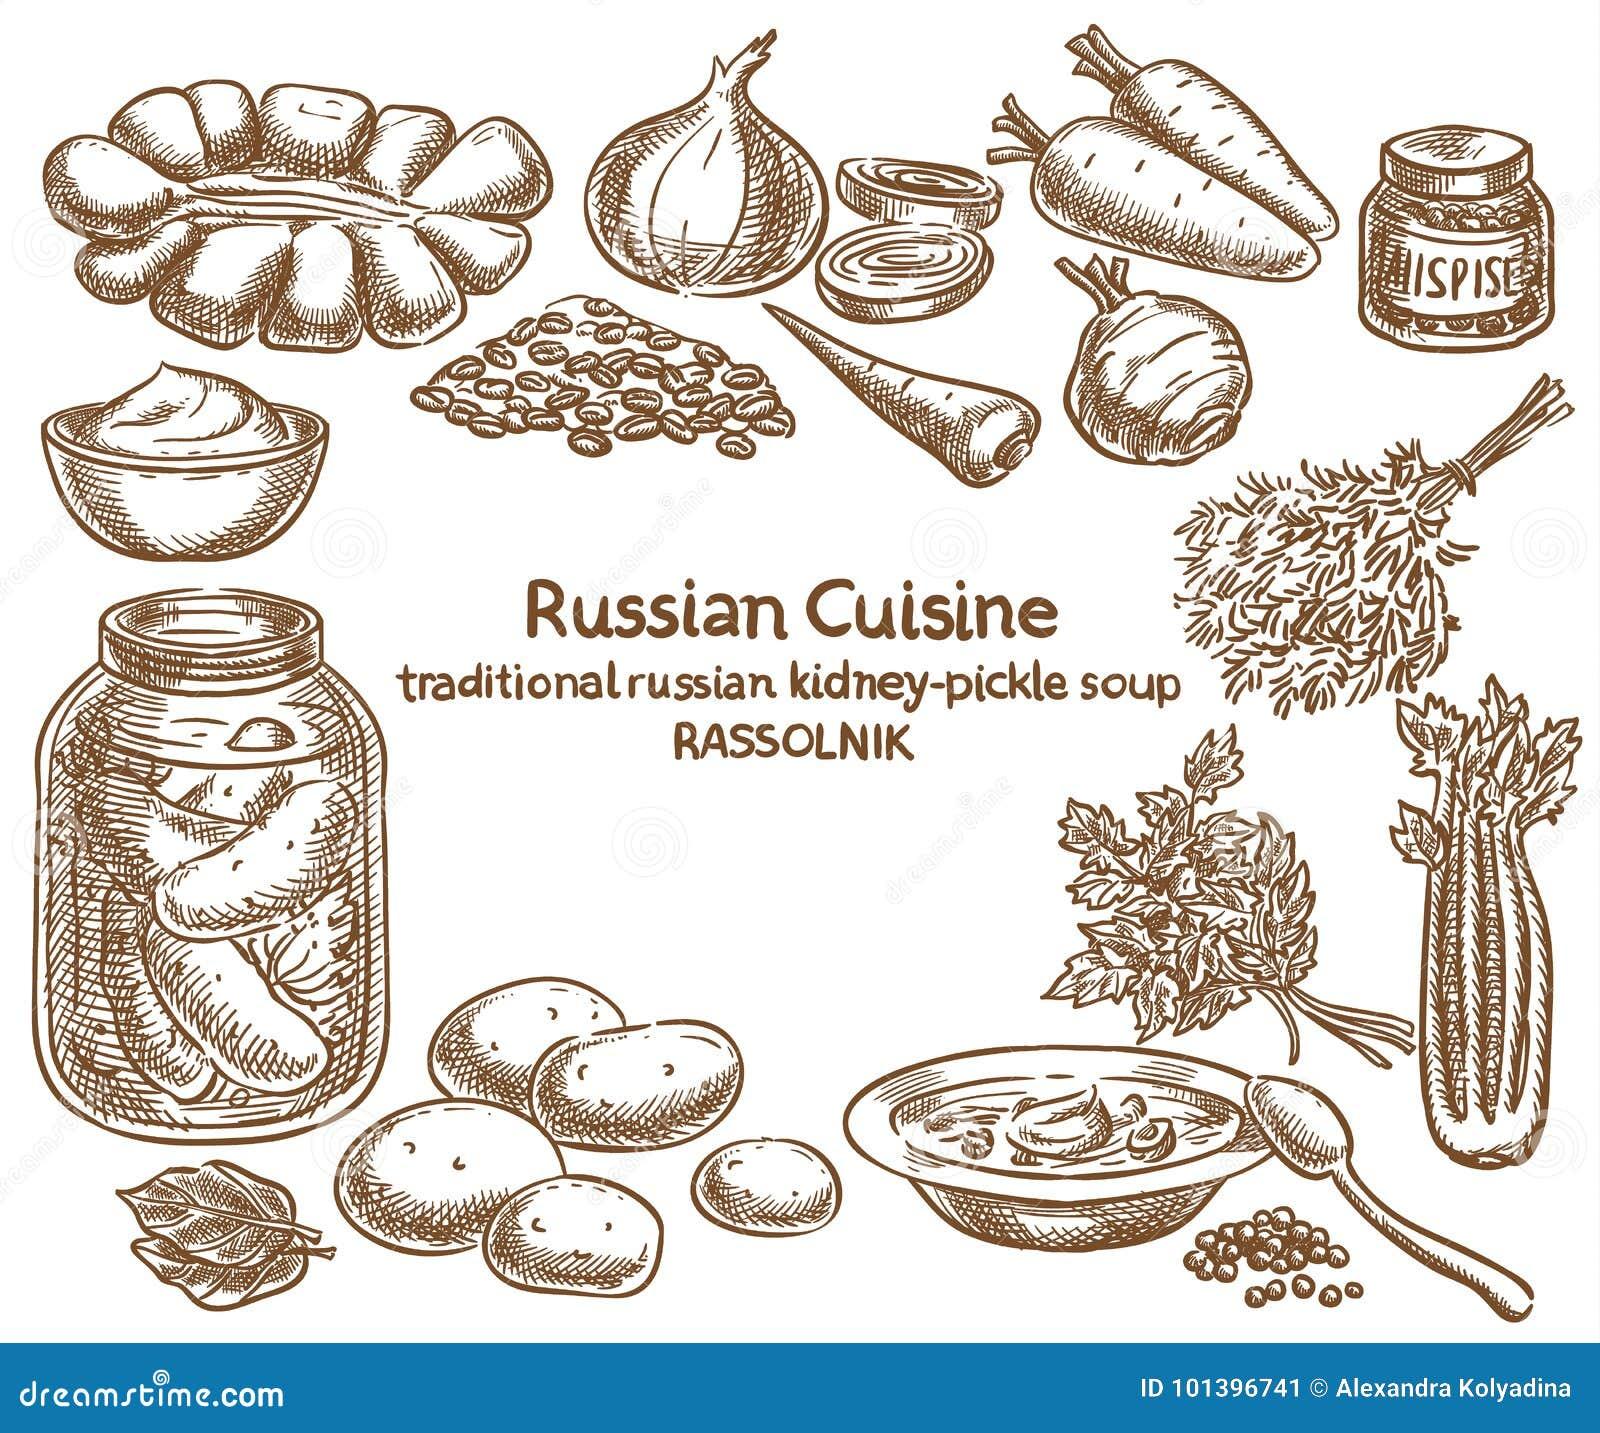 Russische keuken, rassolnik ingrediënten, vectorschets